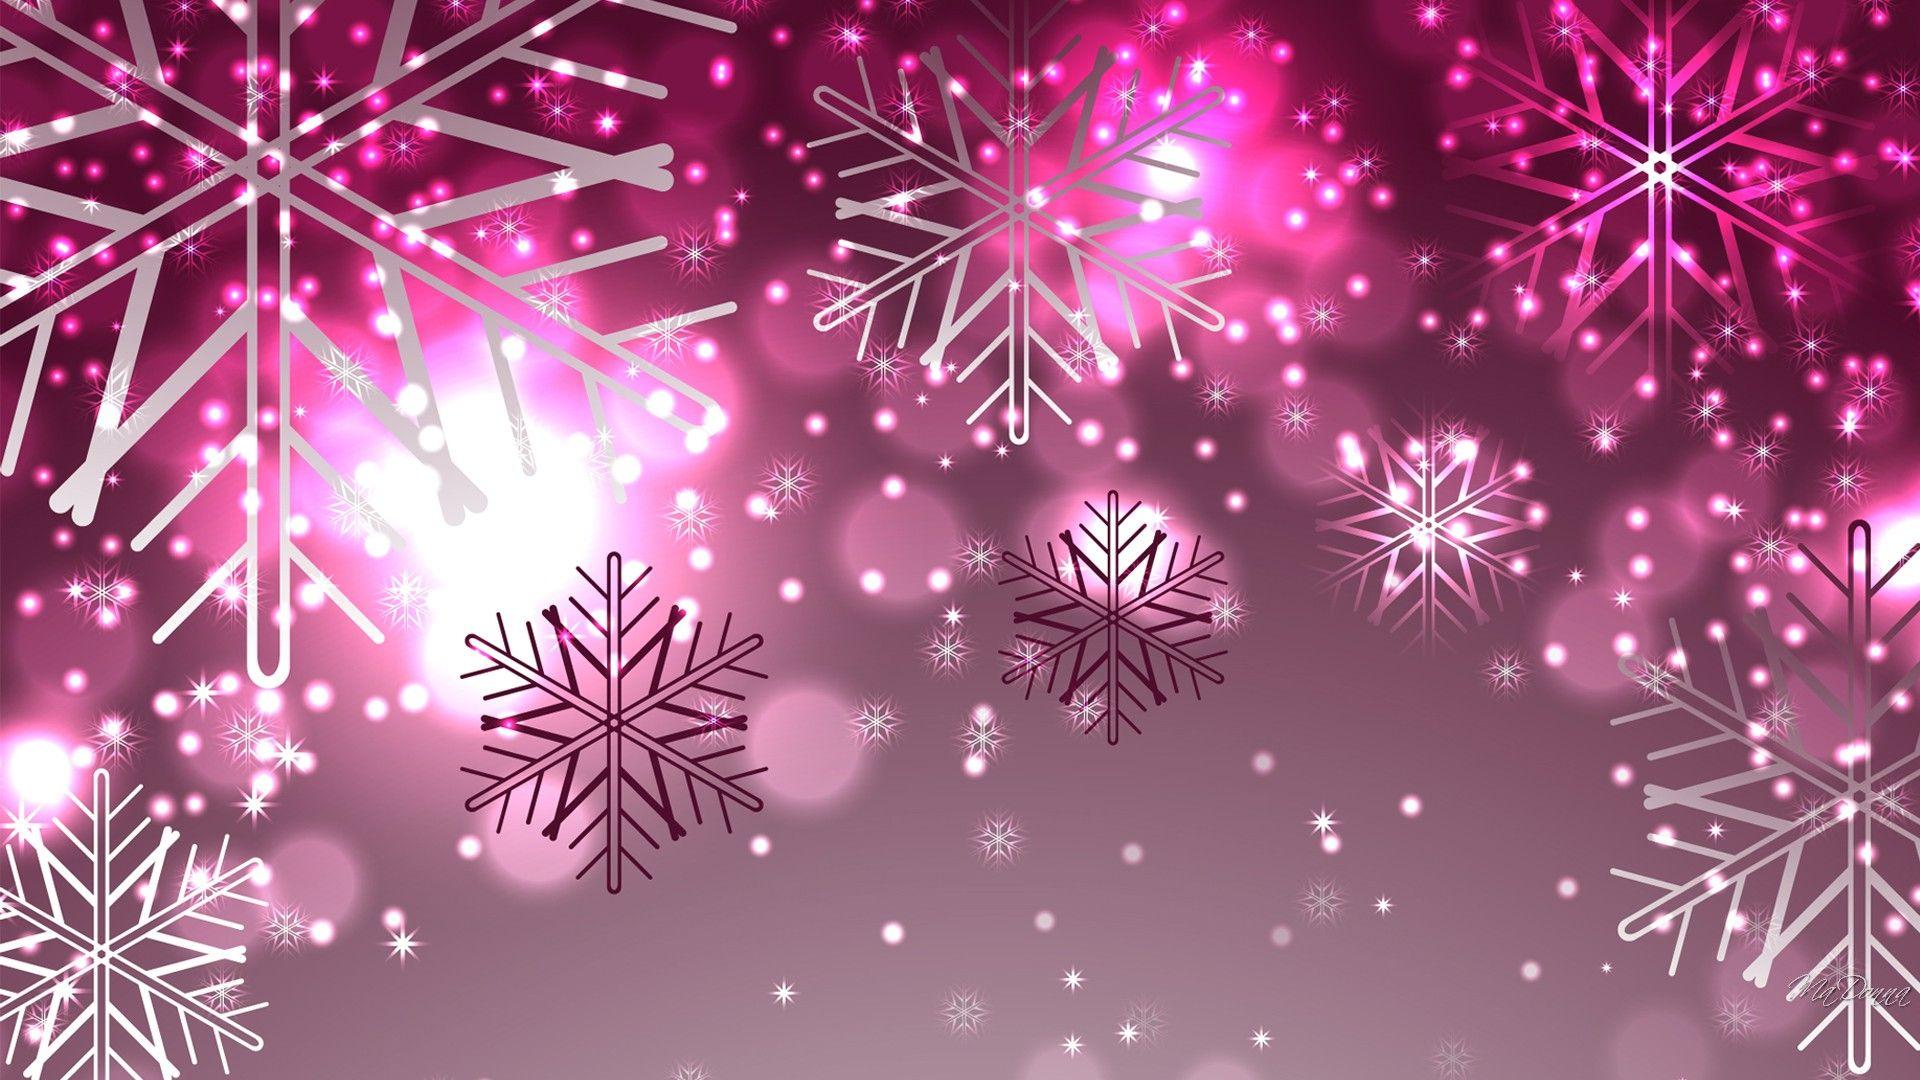 Winter Pink Wallpaper iphone christmas, Glitter